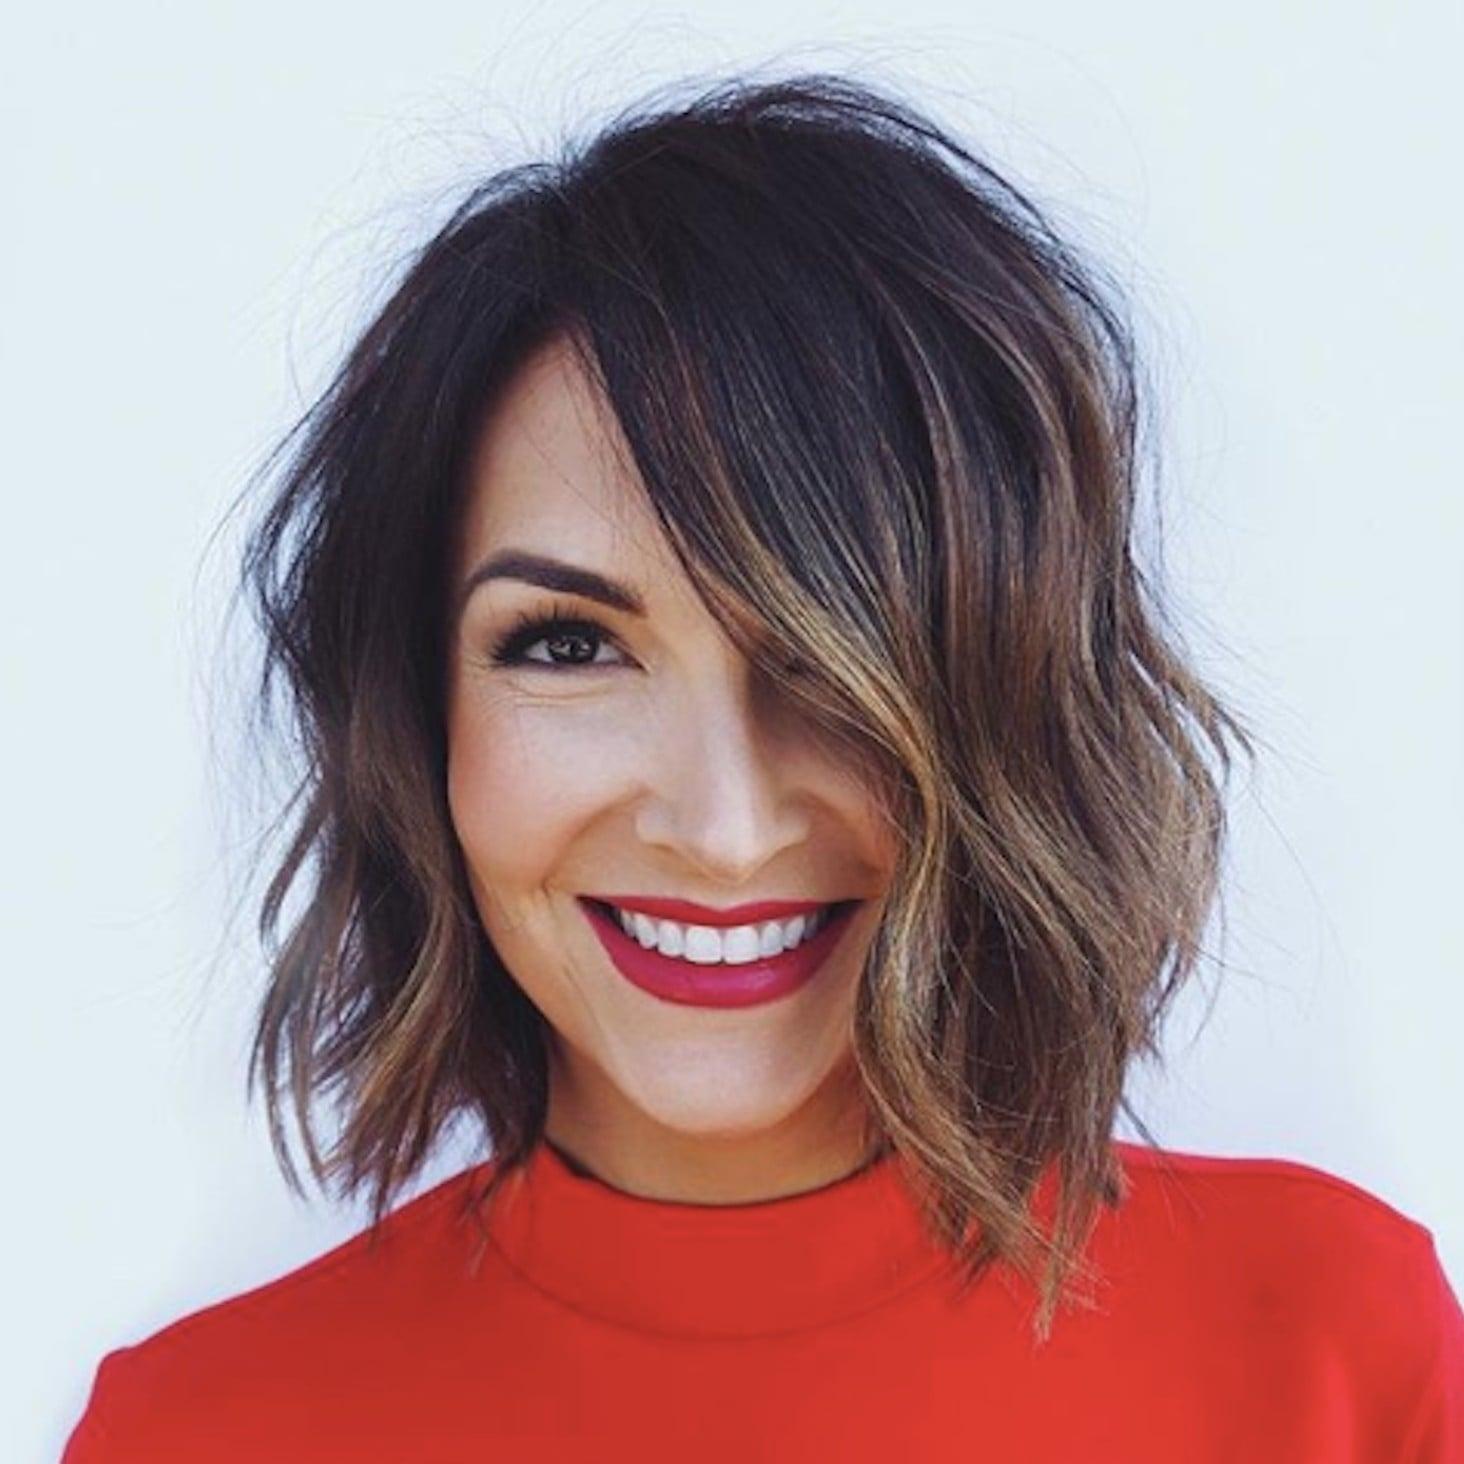 Лучшие стрижки для тонких волос: мнение специалистов